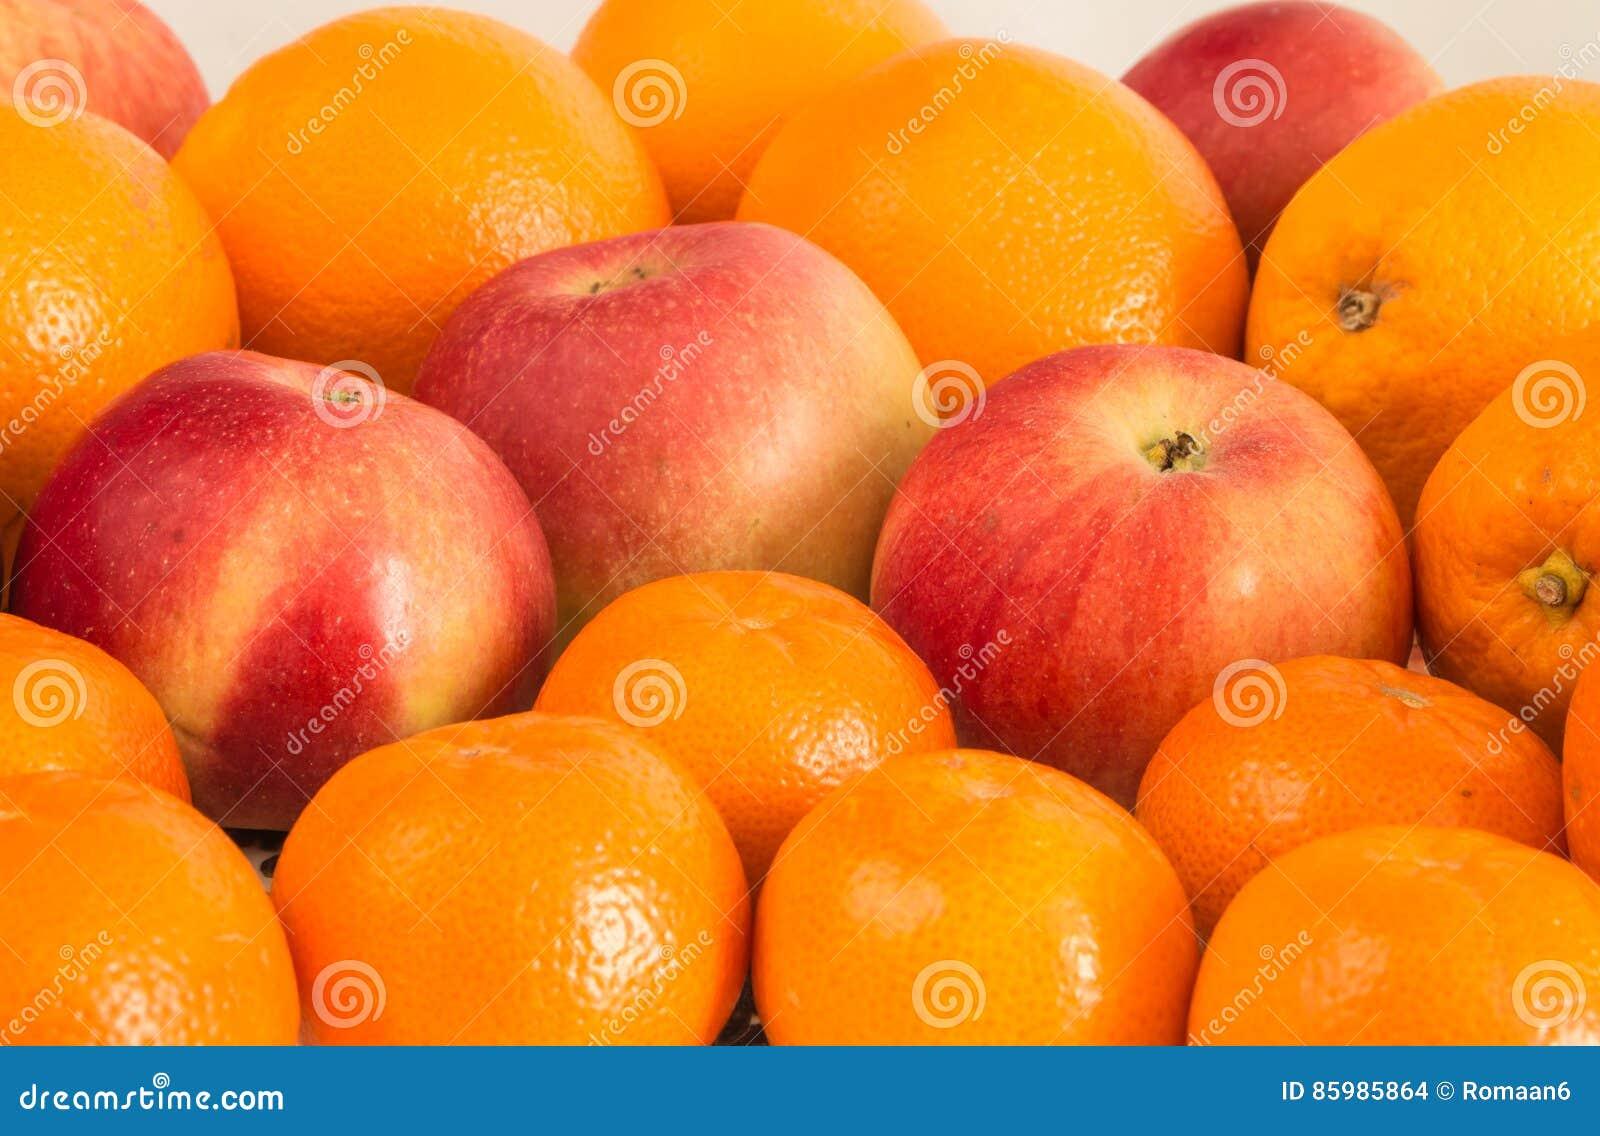 果子静物画橘子苹果盘子